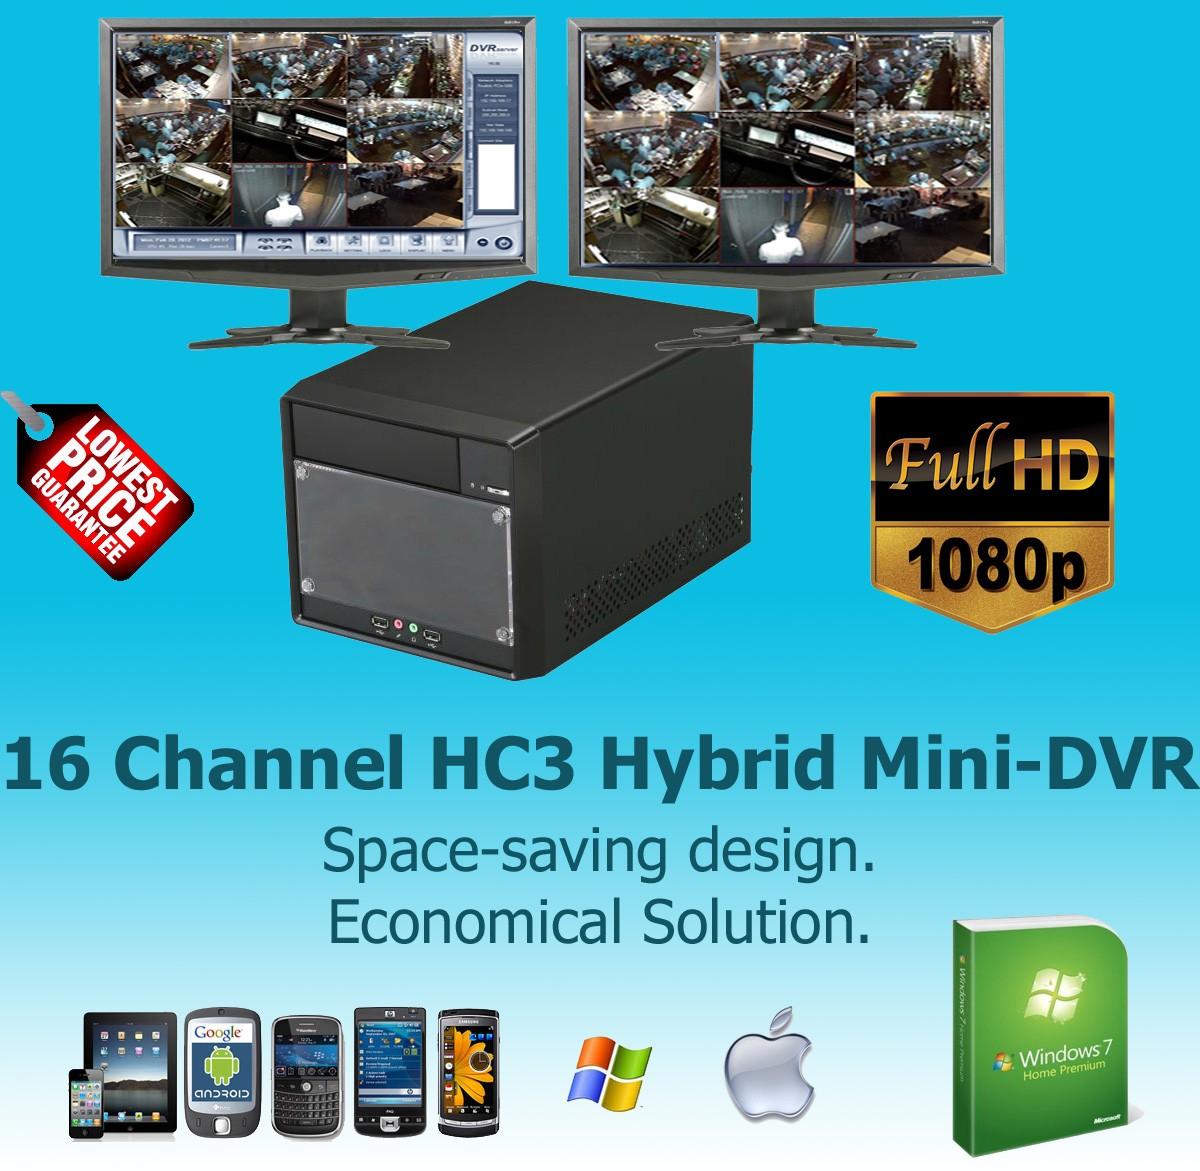 16 Channel Hybrid D1-HC3 Hardware Compressed Mini-DVR